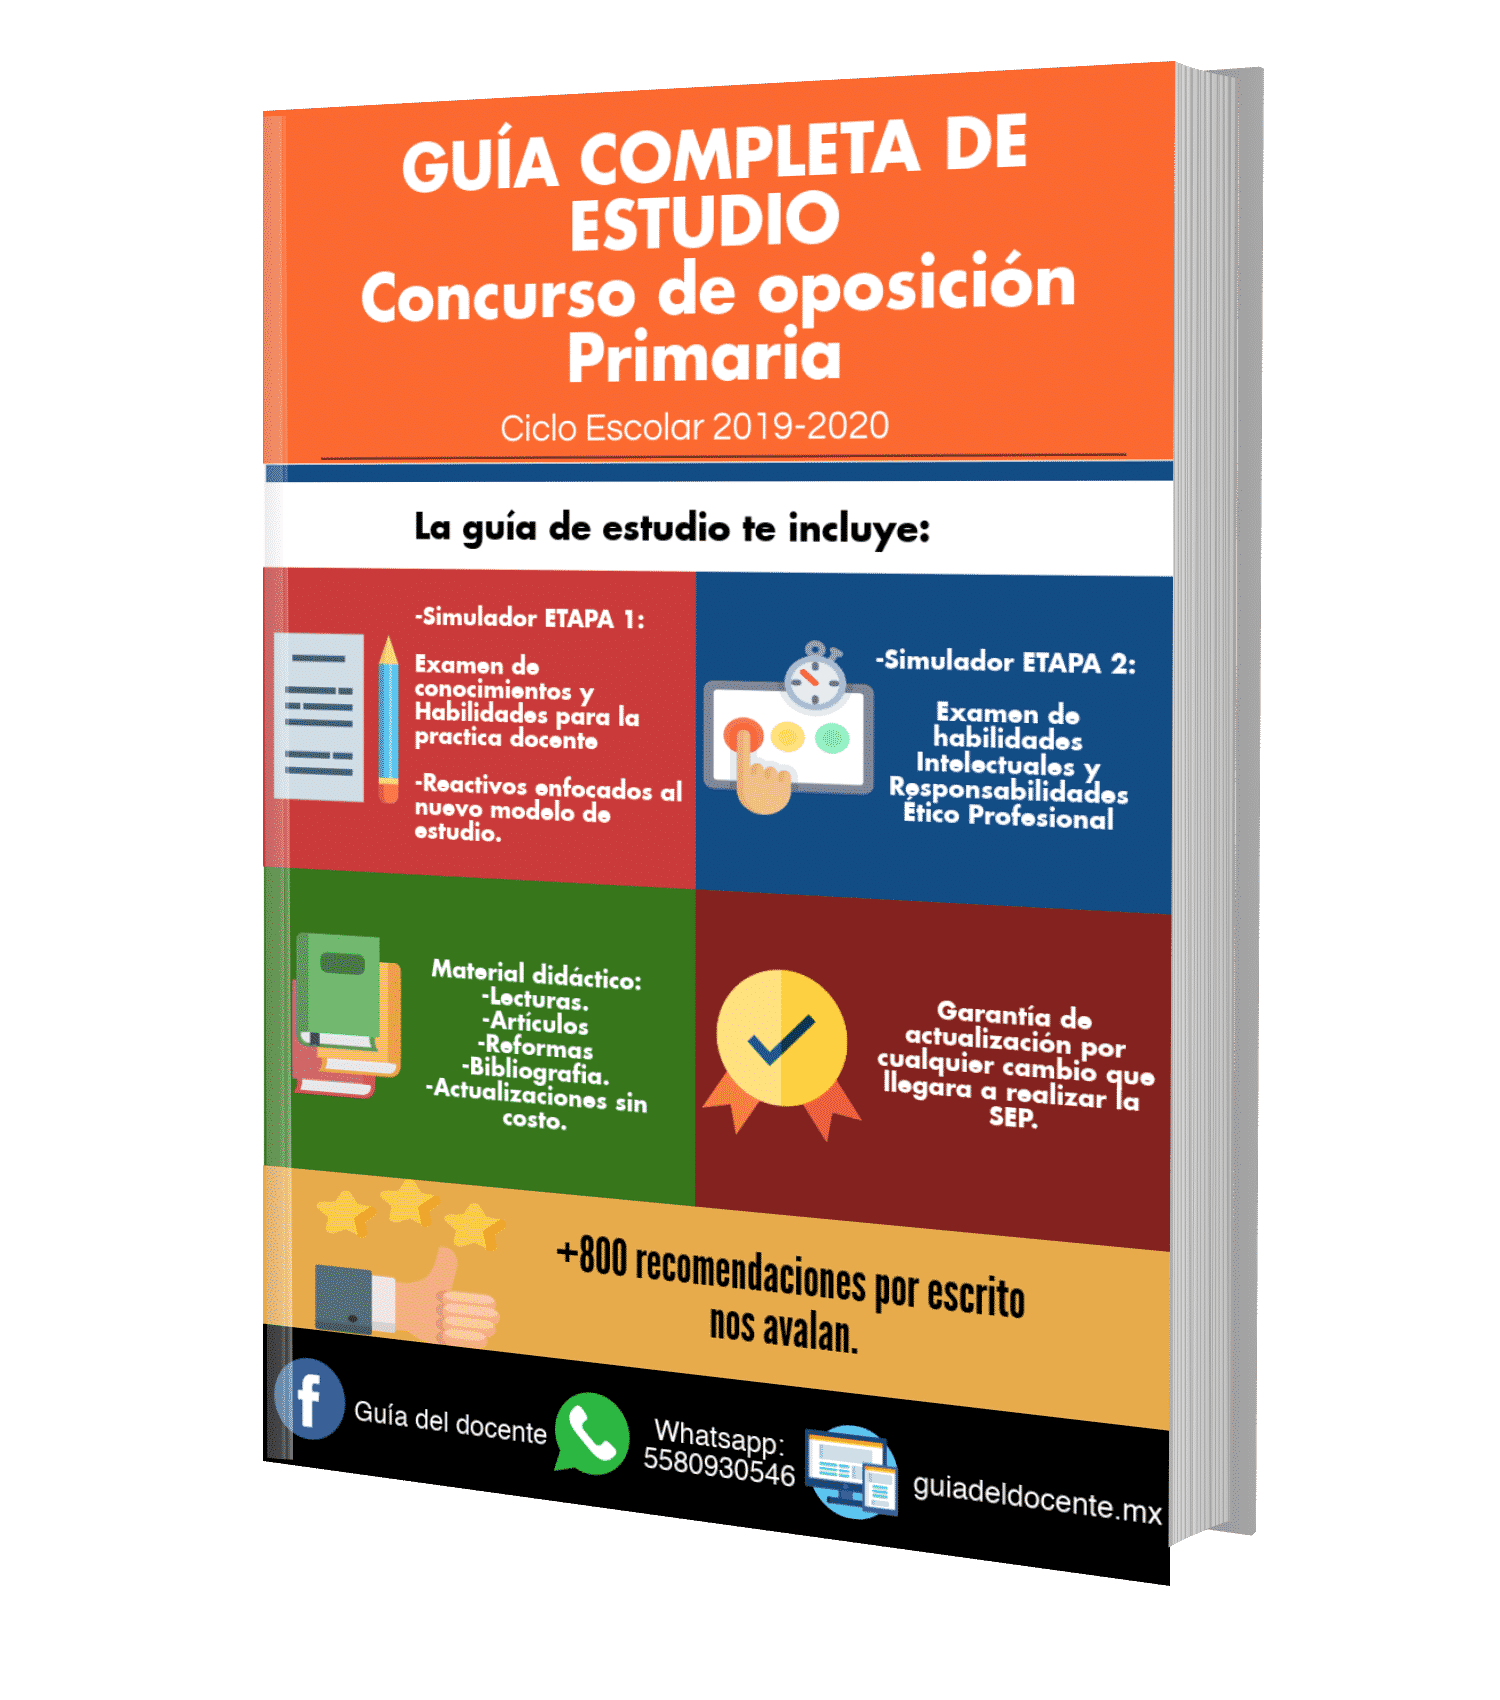 Concurso oposición Primaria 2019